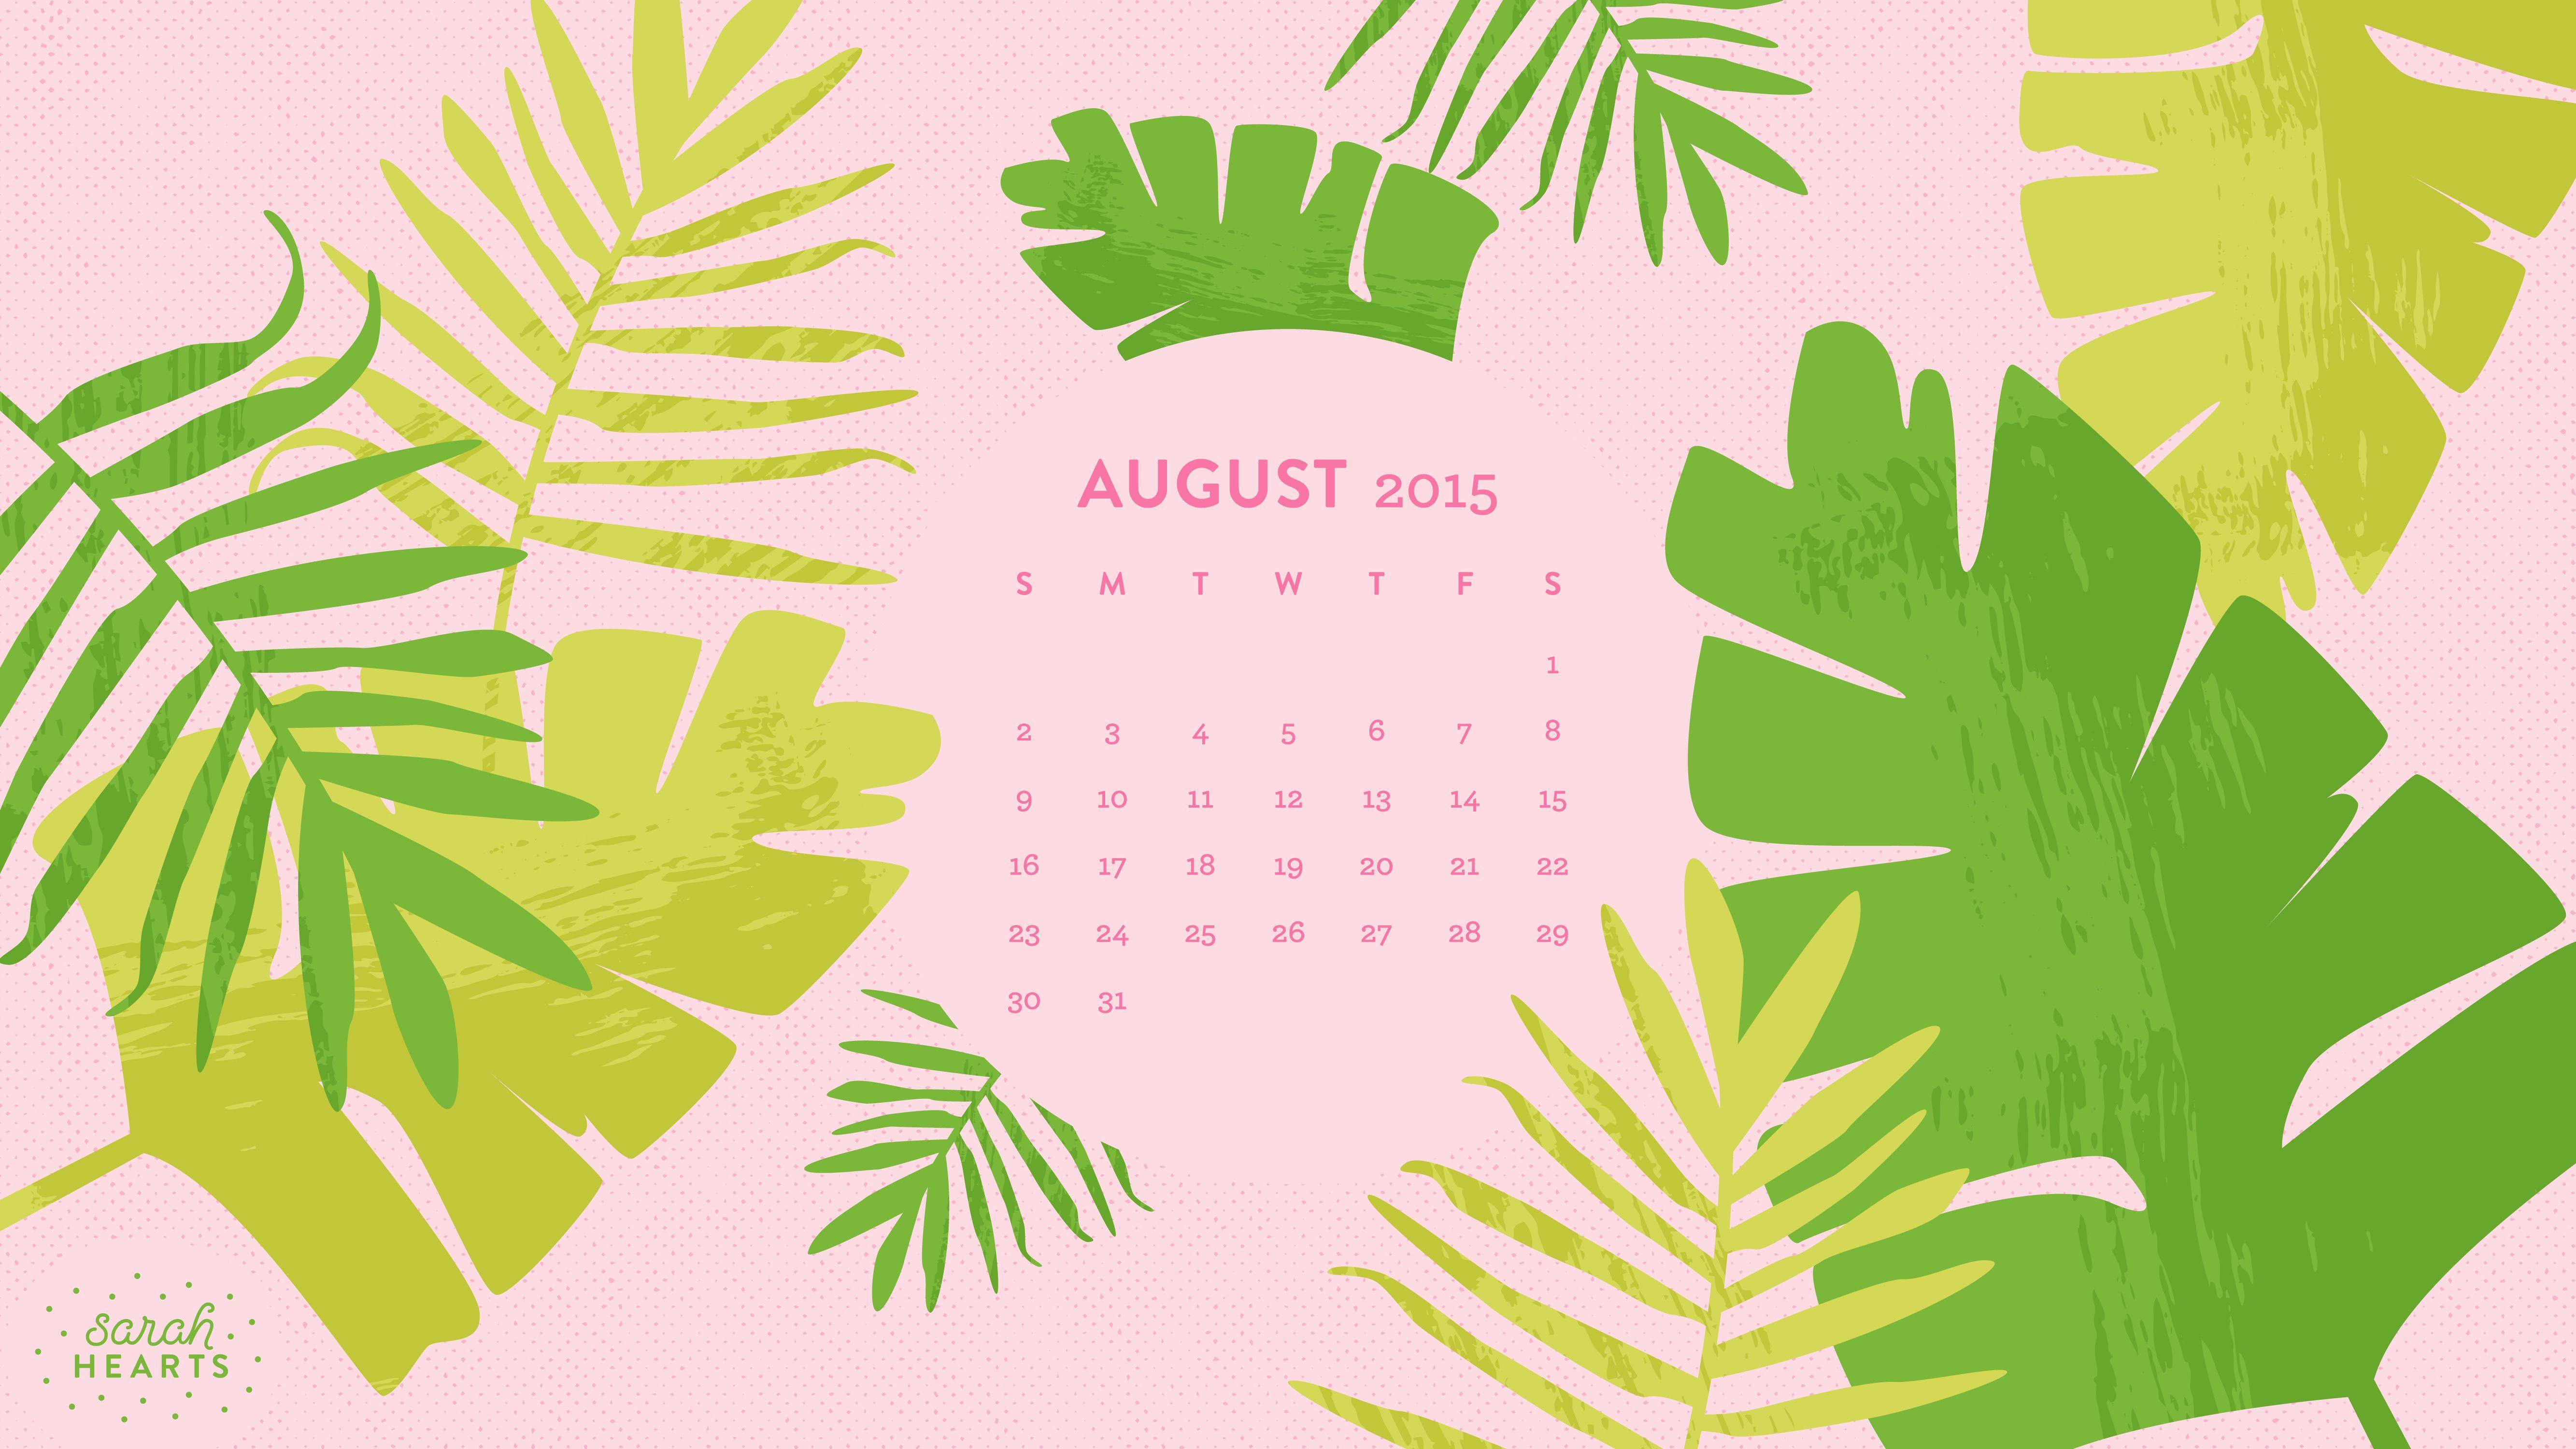 August2015 Wallpaper Calendar Computer 5333x3000